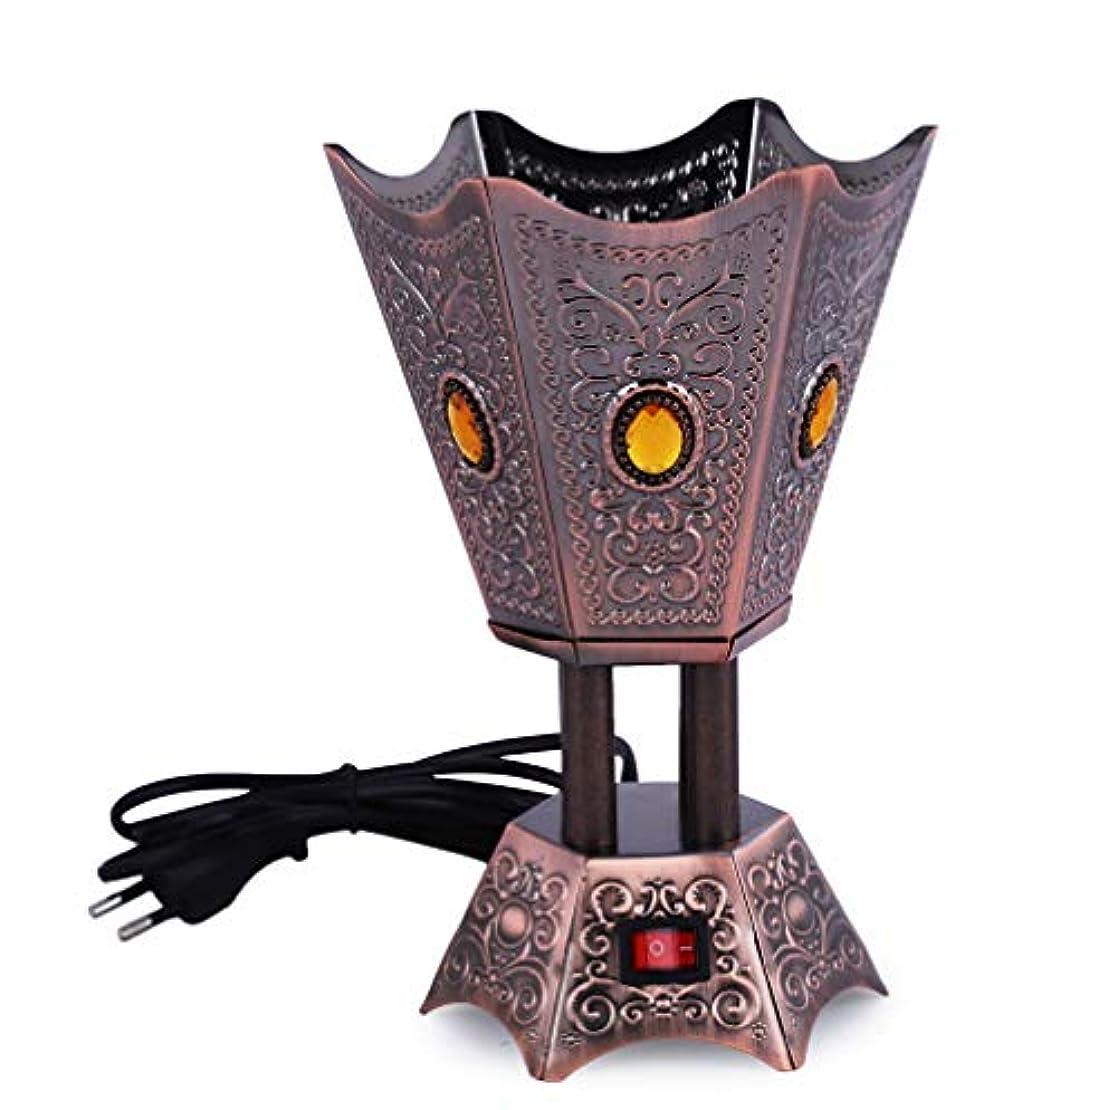 降下選挙葉っぱAntique Electric Bakhoor Burner Electric Incense Burner Camphor- Oud Resin Frankincense for Diwali Gift Positive...